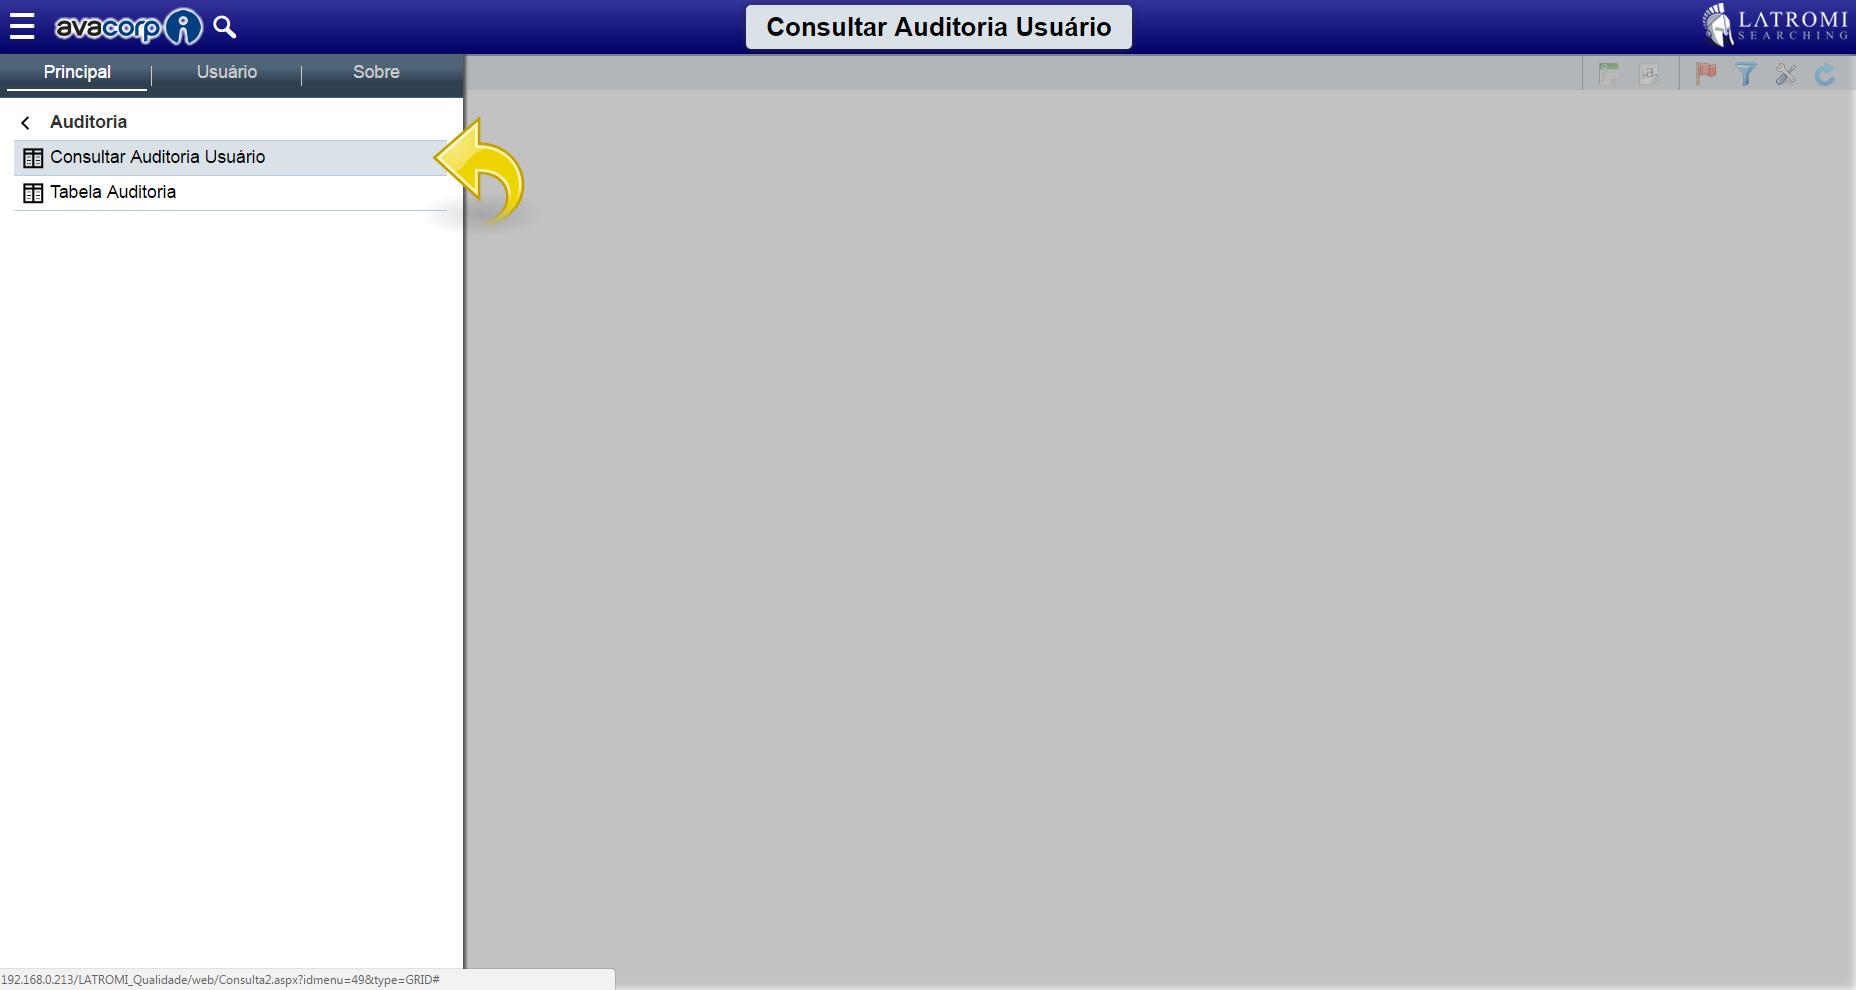 Consultar Auditoria Usuário